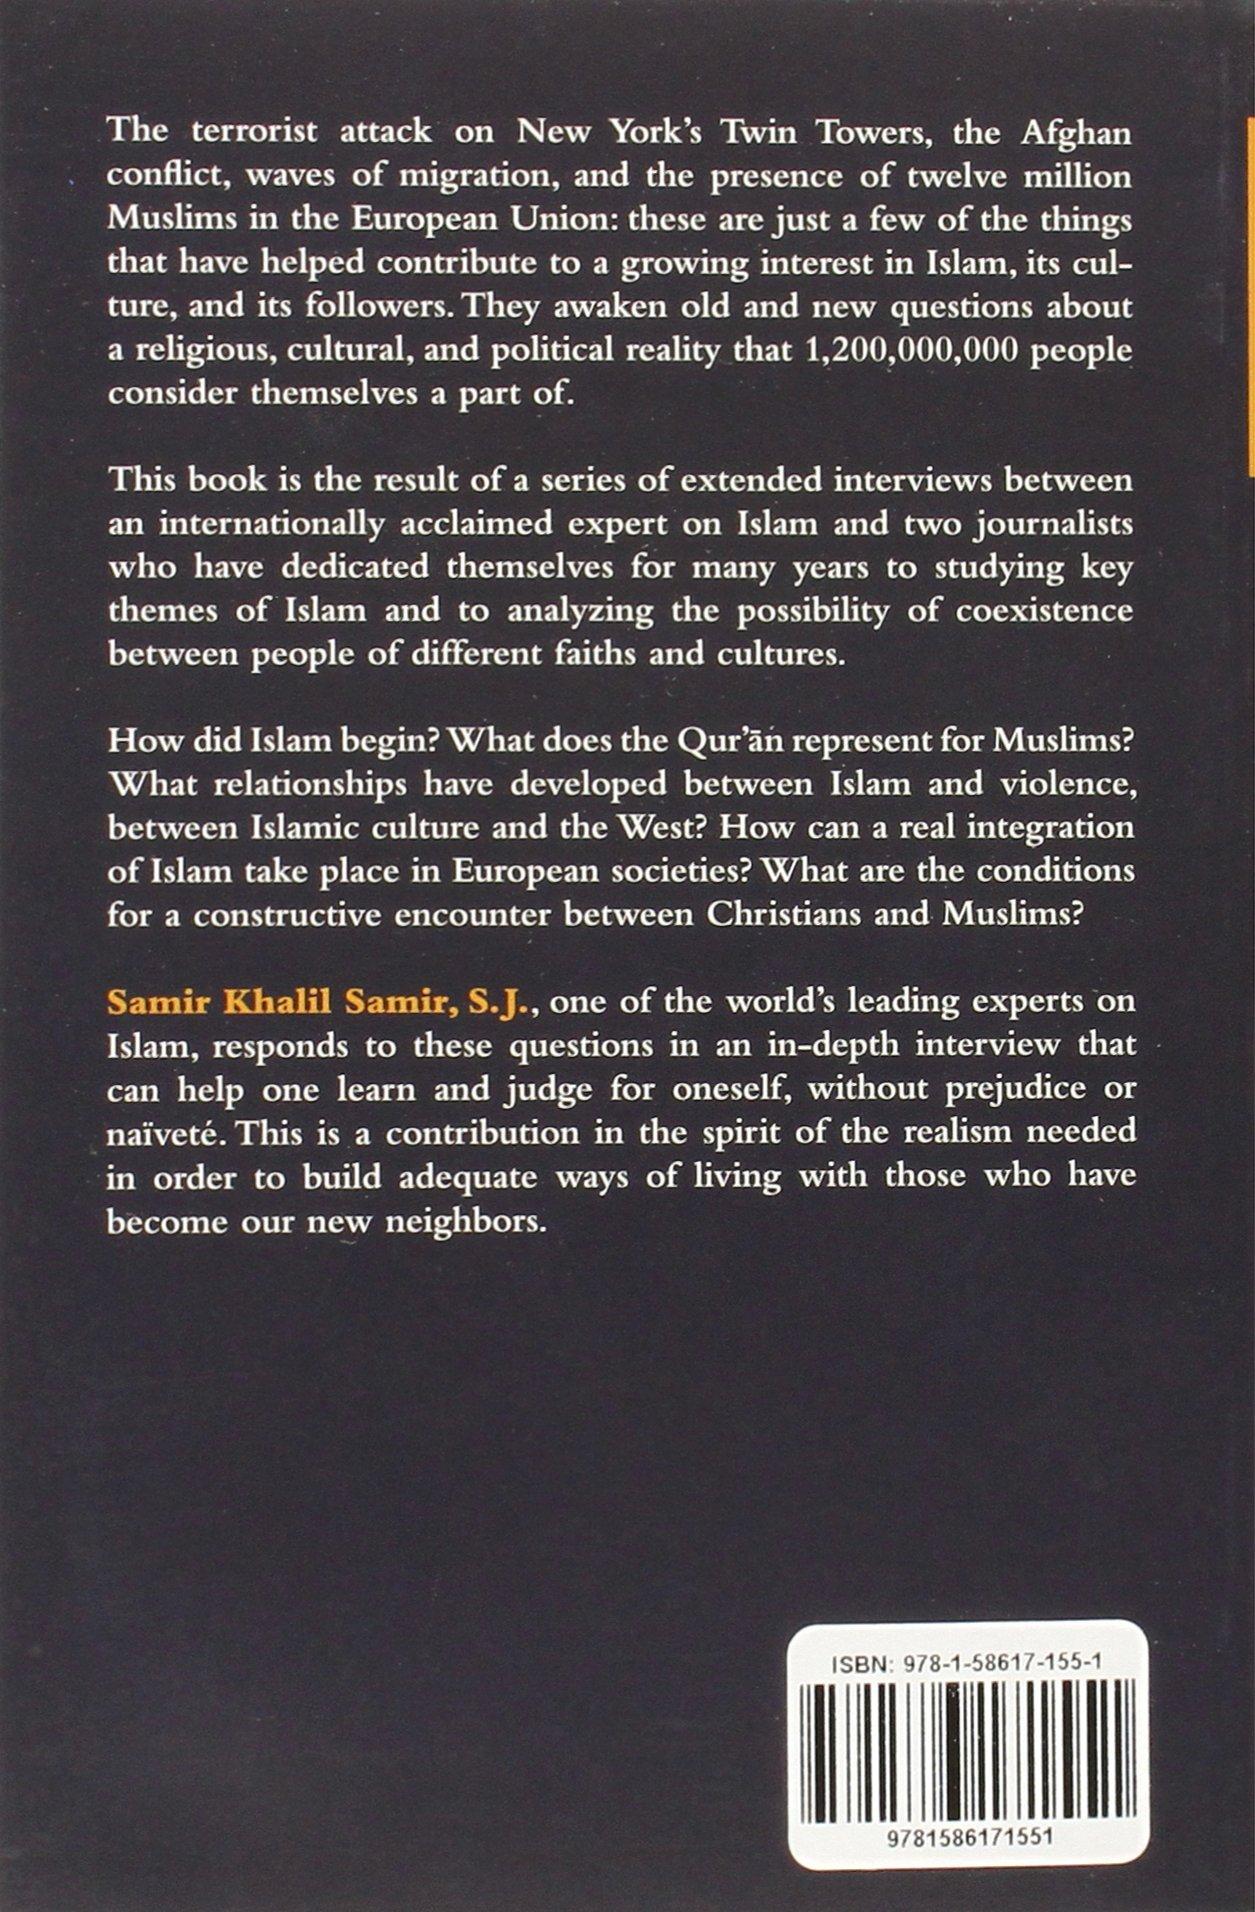 111 Questions on Islam: Samir Khalil Samir on Islam and the West: Giorgio  Paolucci, Camille Eid: 9781586171551: Amazon.com: Books